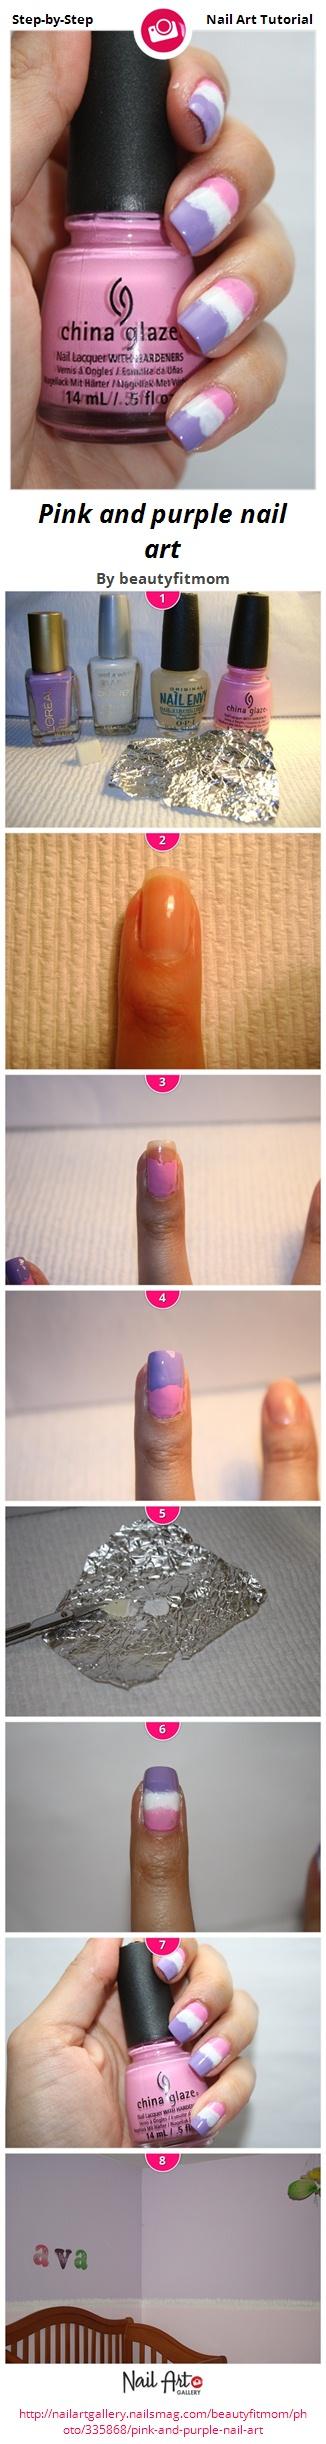 Pink and purple nail art - Nail Art Gallery